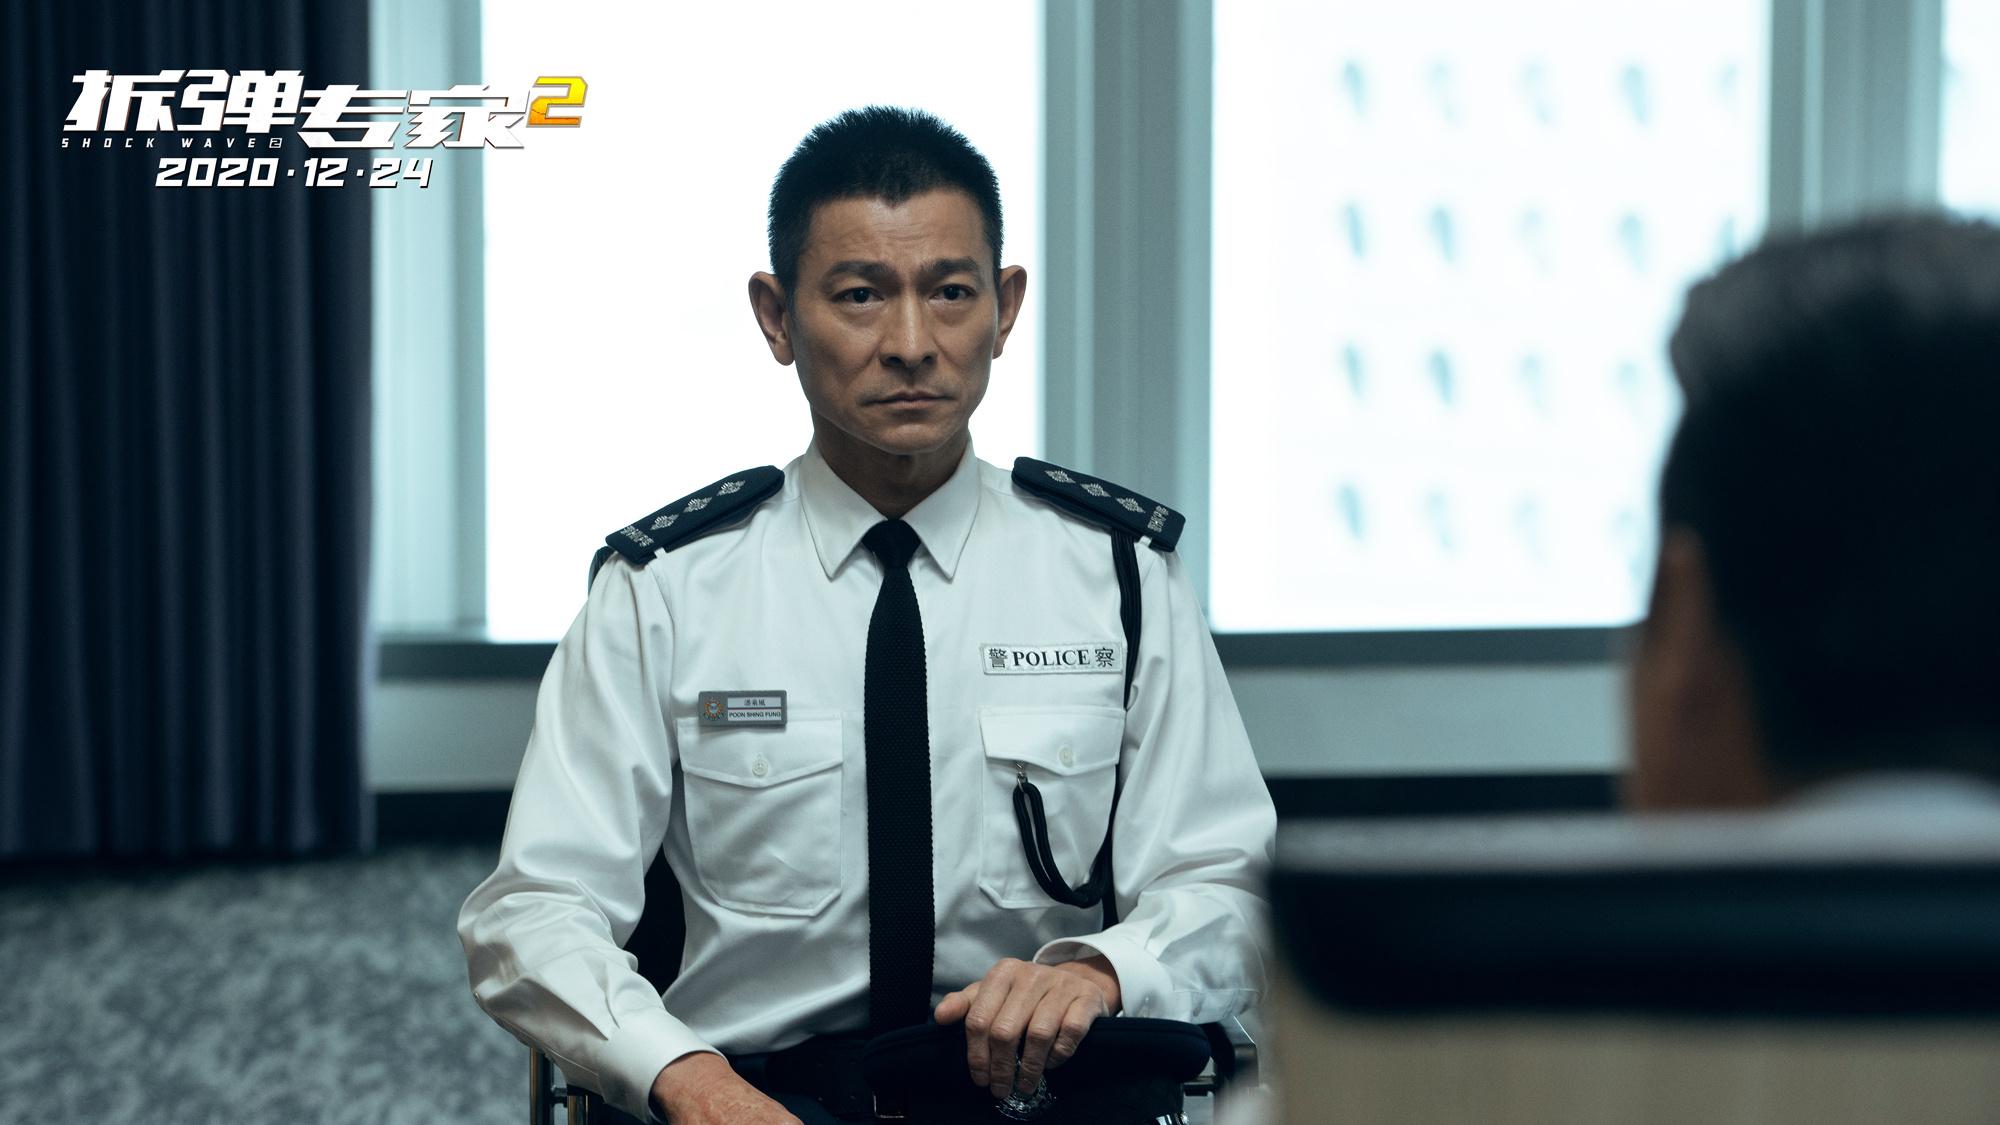 《拆弹专家2》口碑票房双双第一 刘德华演技惊艳